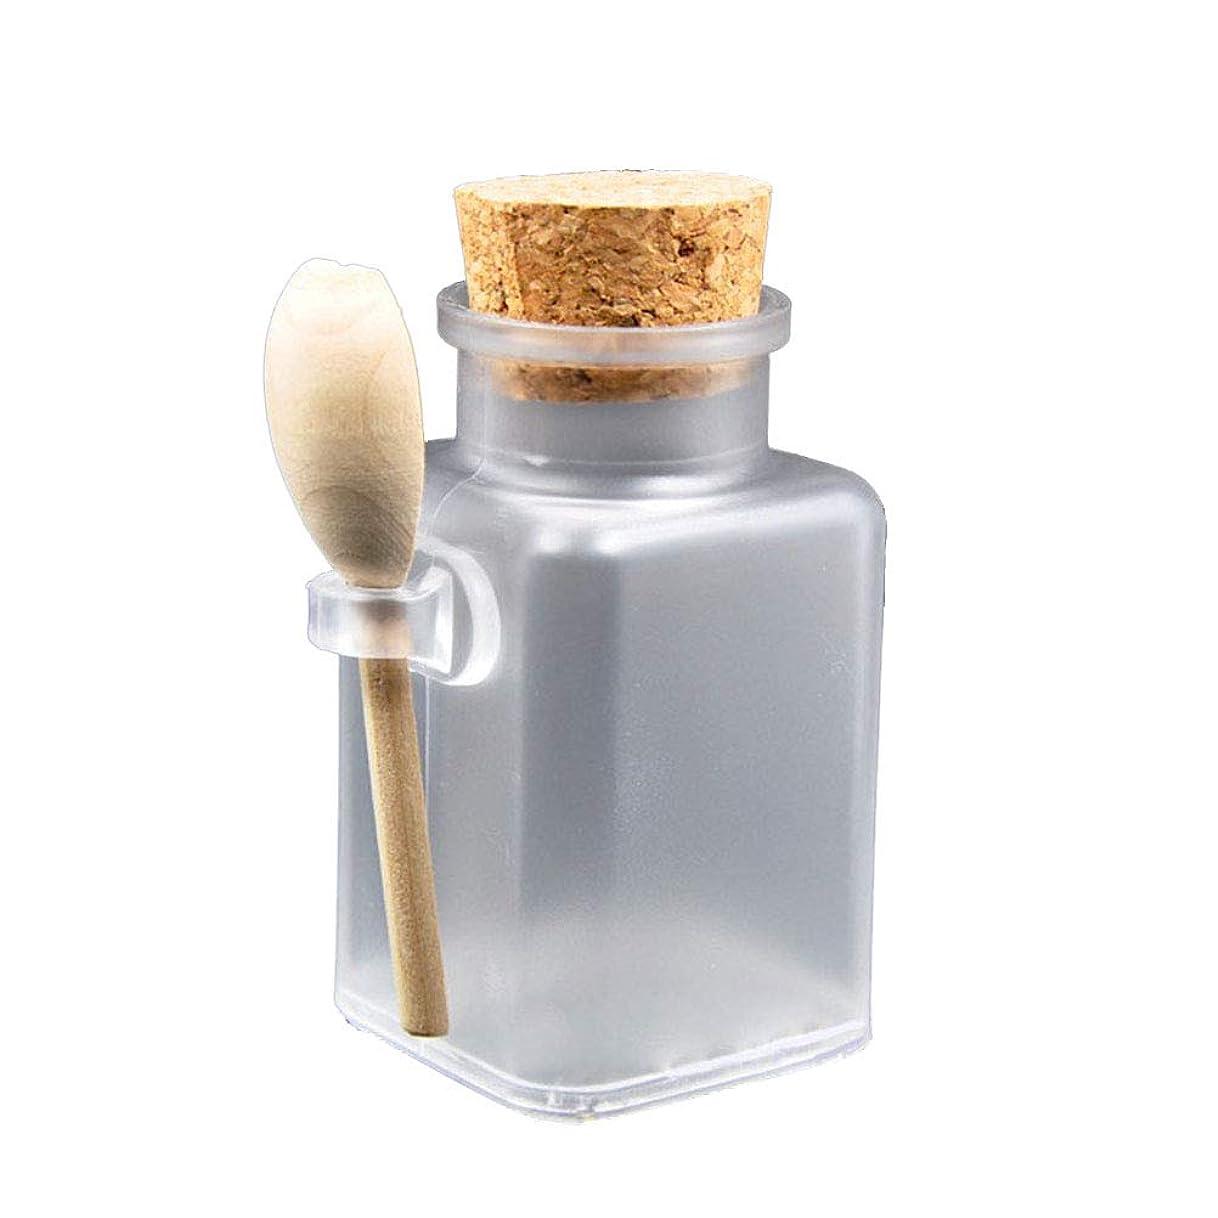 チャンピオンベンチ少数Healifty スパイスボトル ペットボトル マスクパウダーボトル 小分け容器 塩 調味料 日常生活用(コルク栓付き)